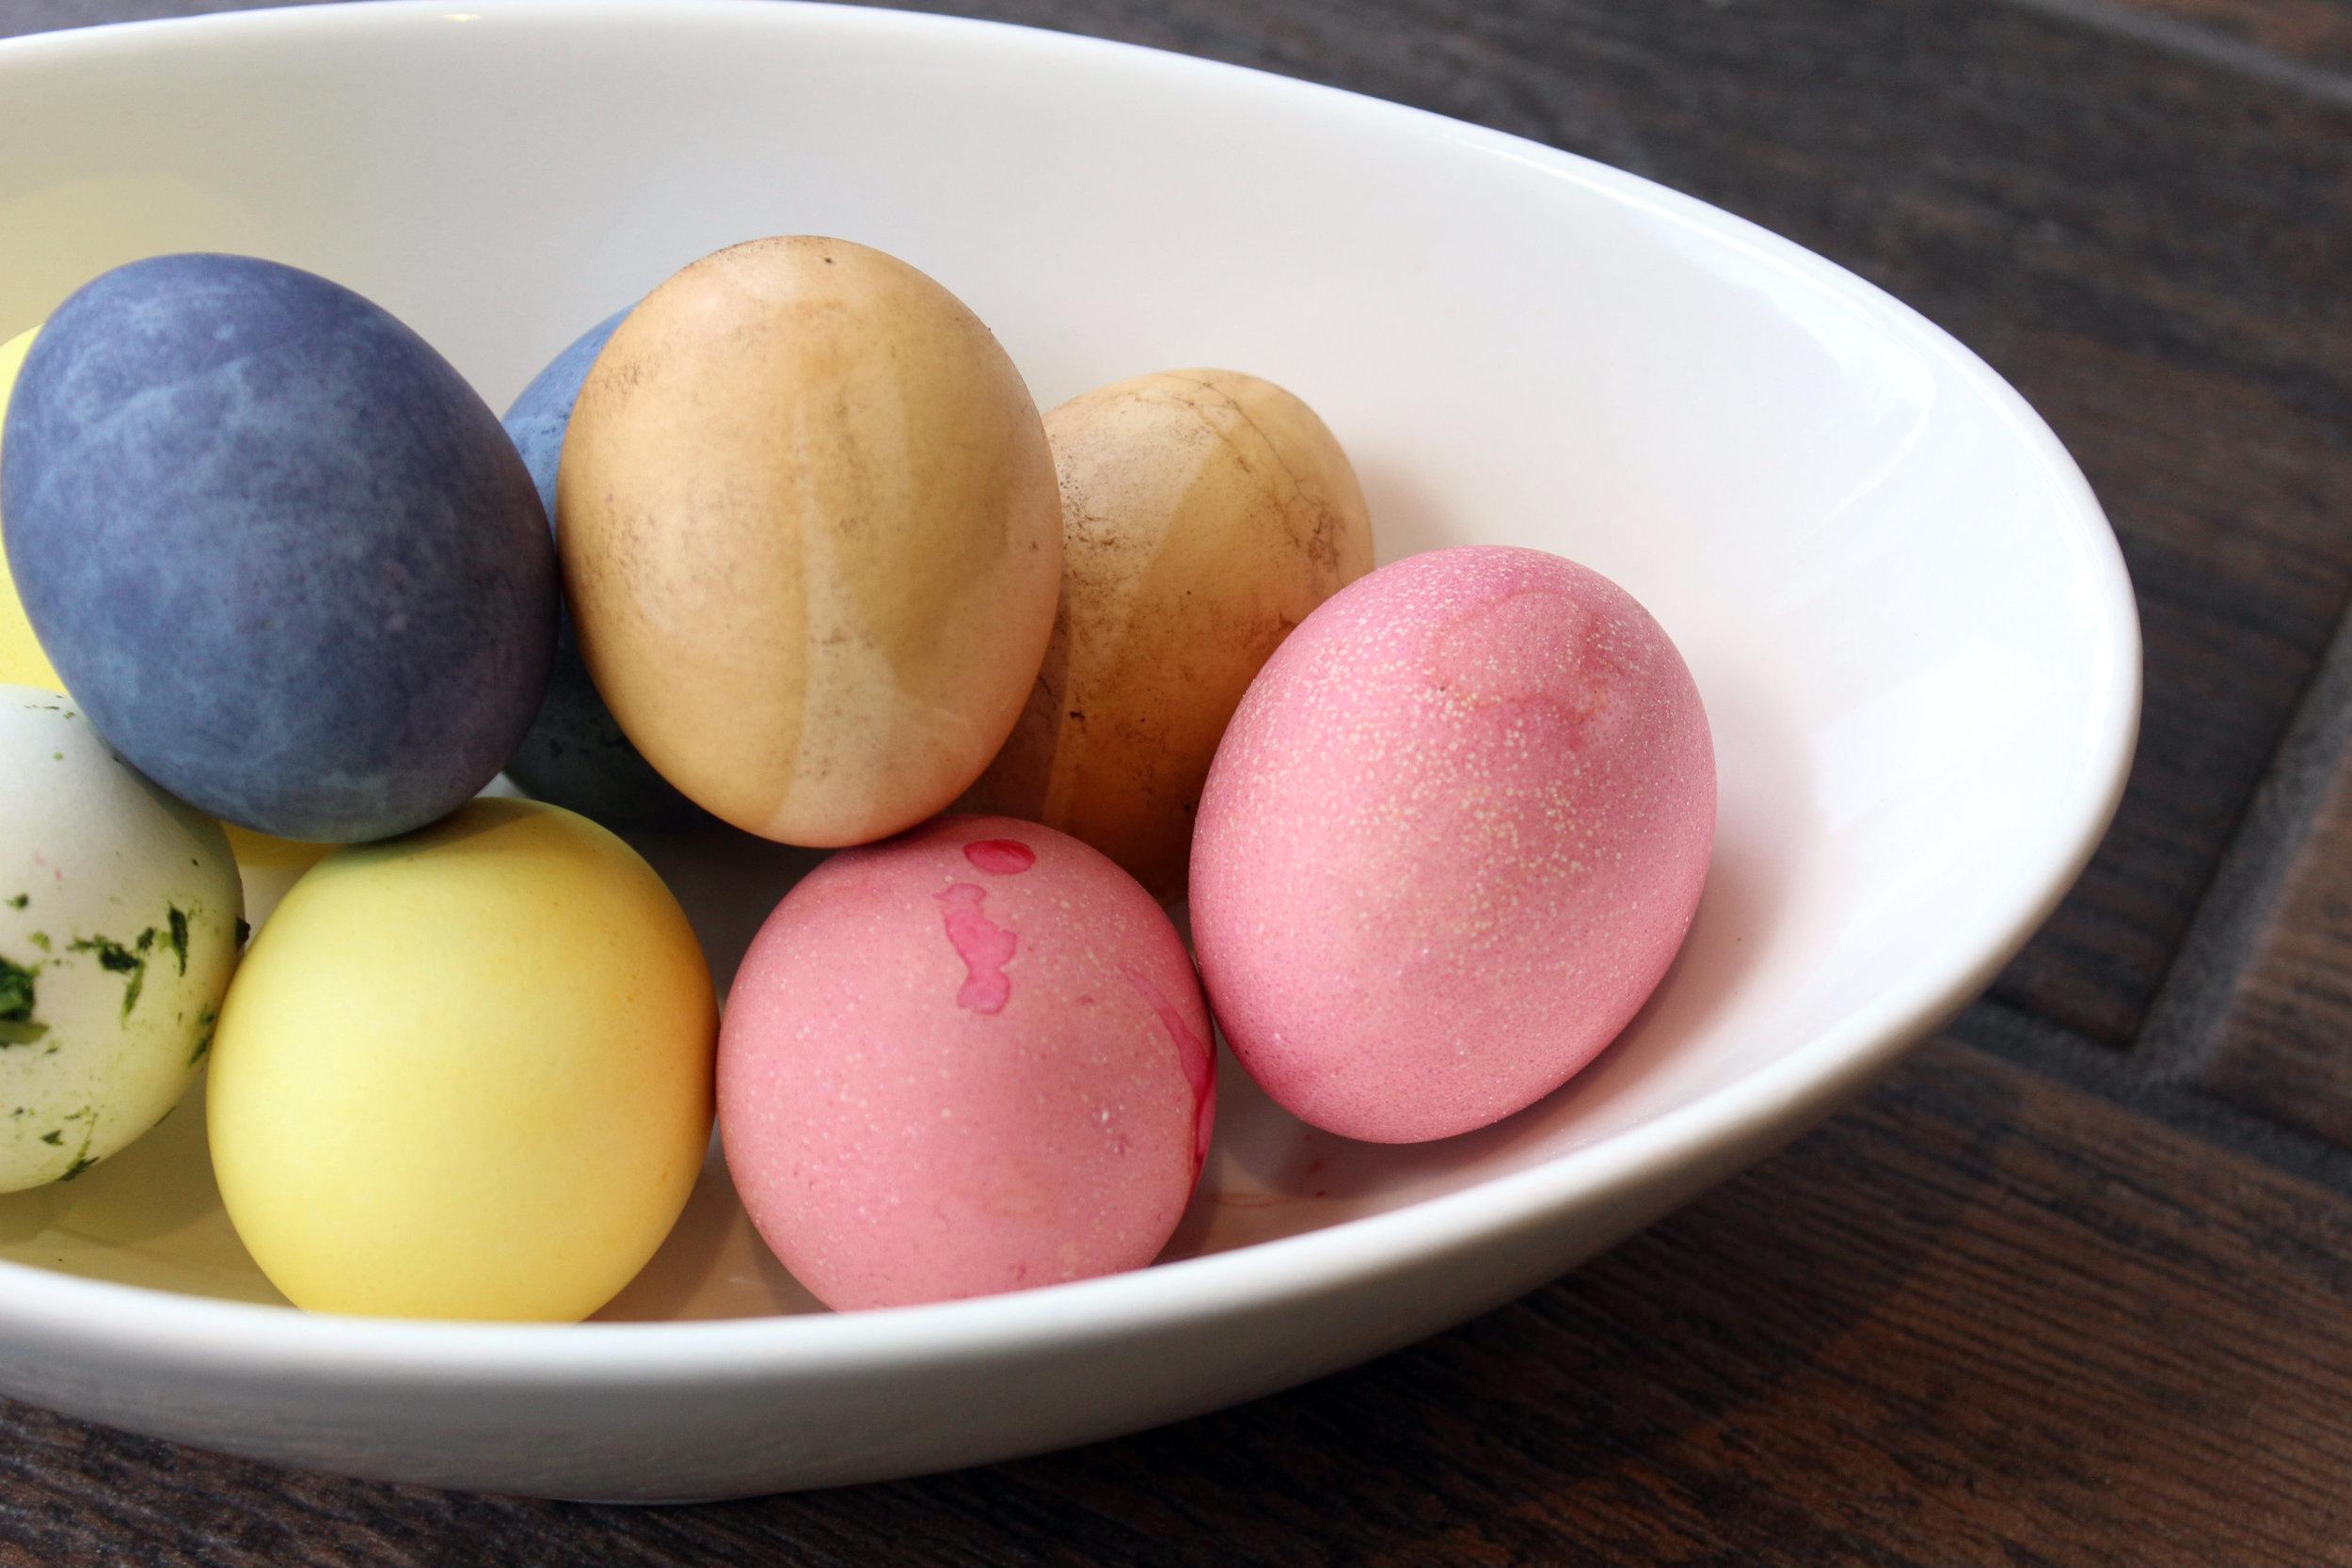 eggs8.jpg